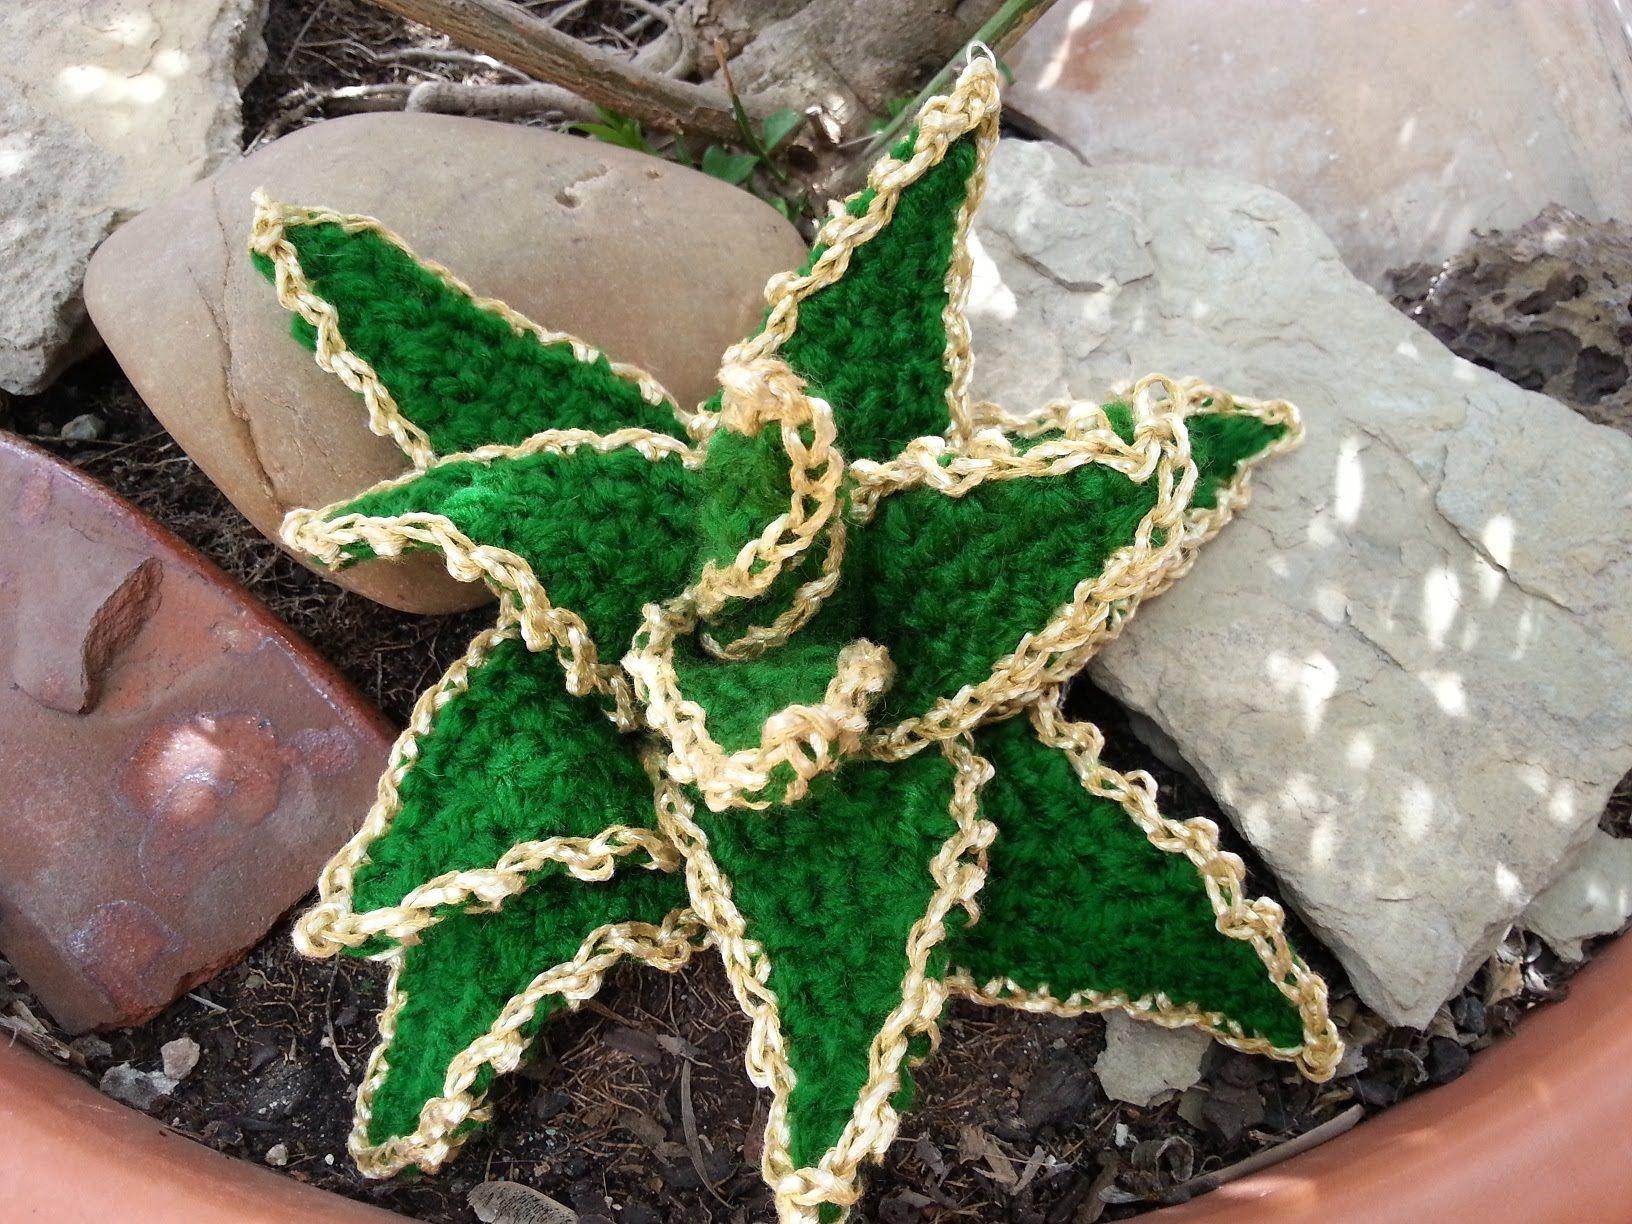 Amigurumi Flower Tutorial : Tutorial de crochet gancillo cactus estrellado flowers diy